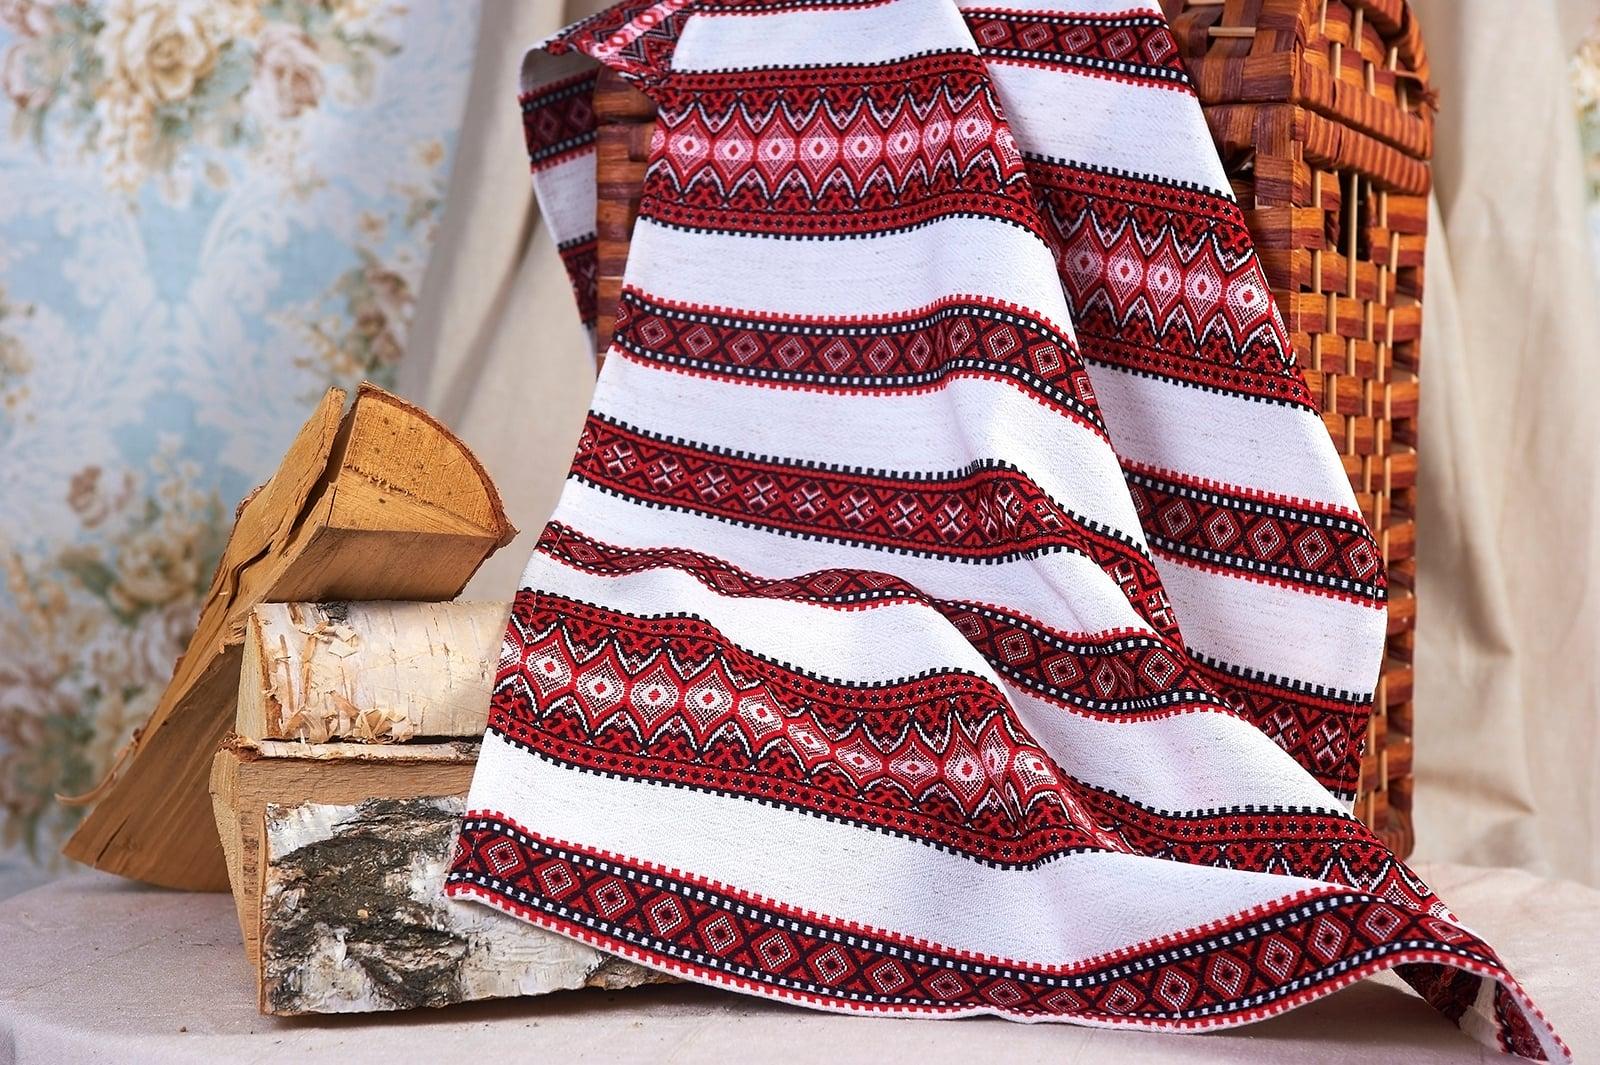 Узорчатый свадебный рушник белого цвета с красными полосами.